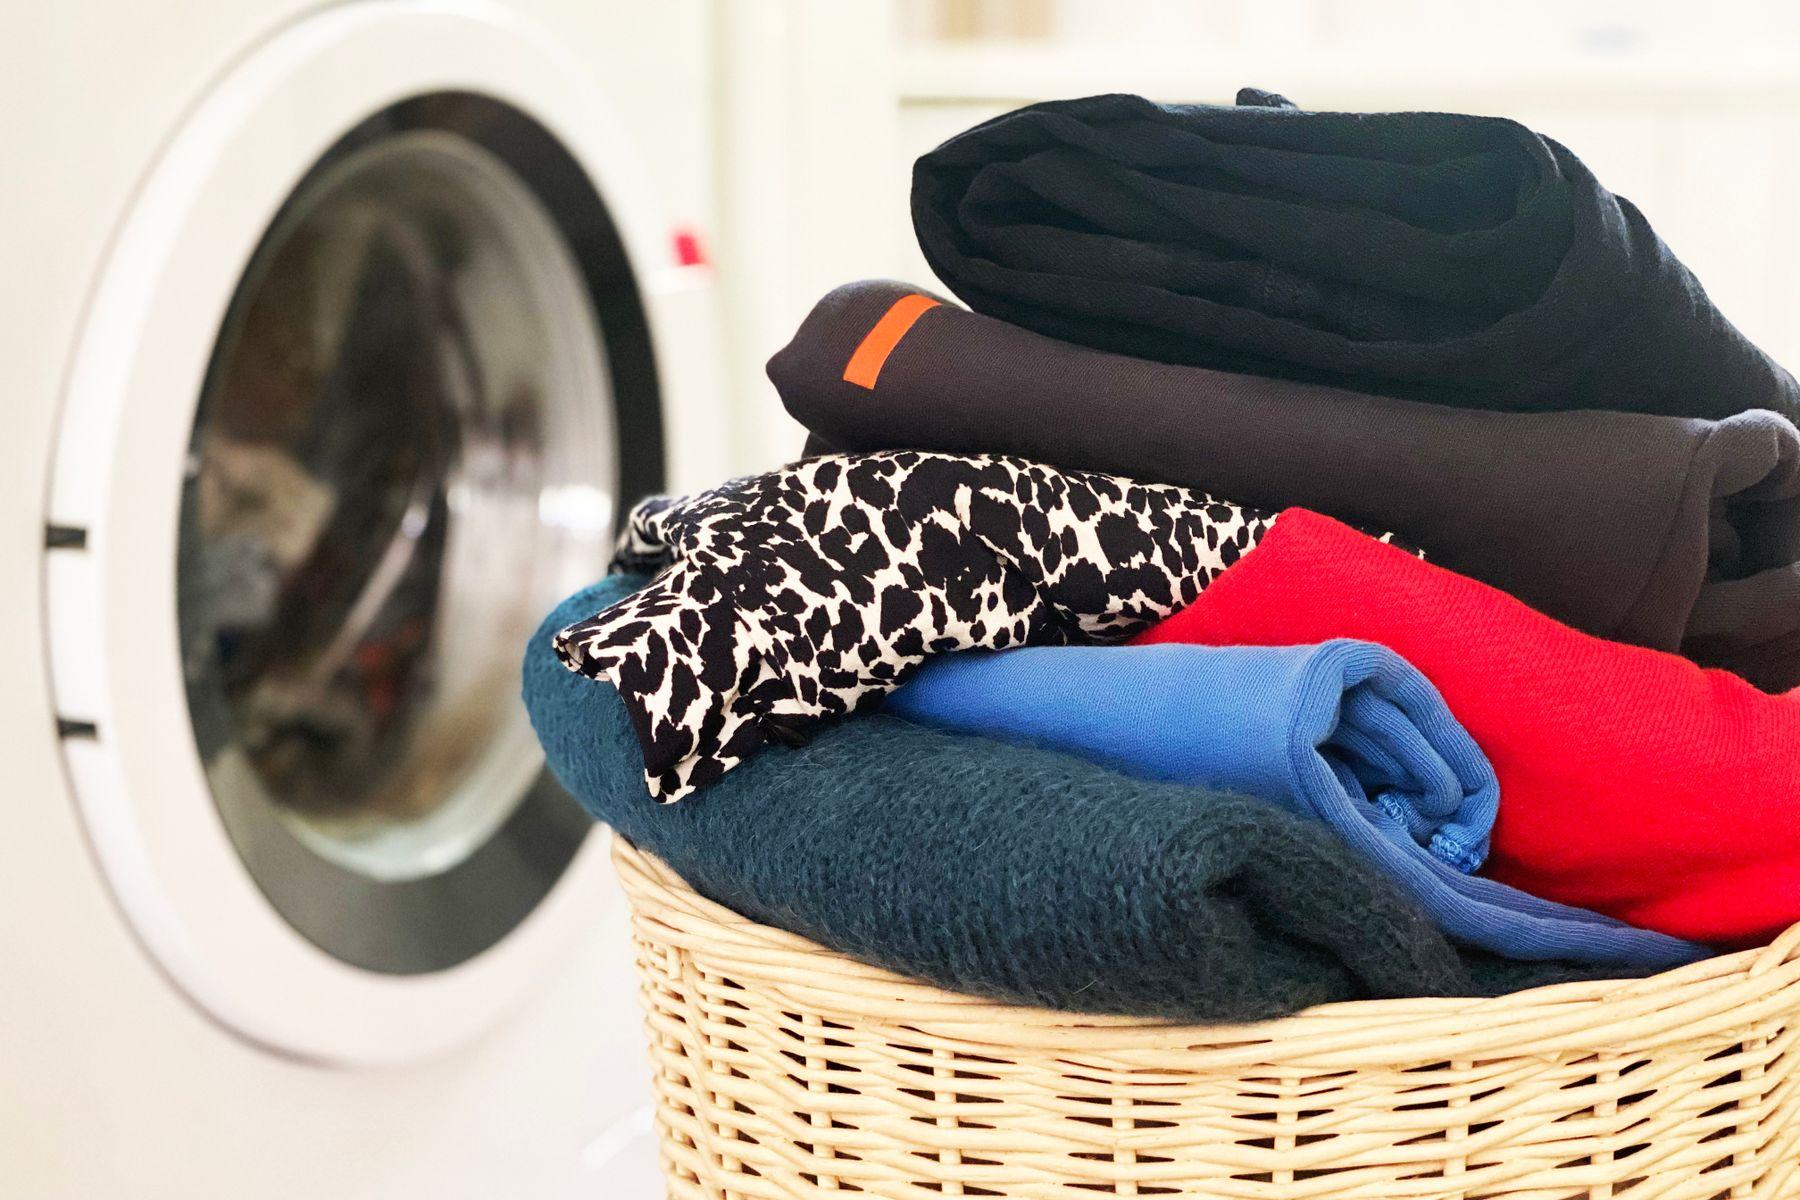 Renkli çamaşırlar nasıl yıkanır